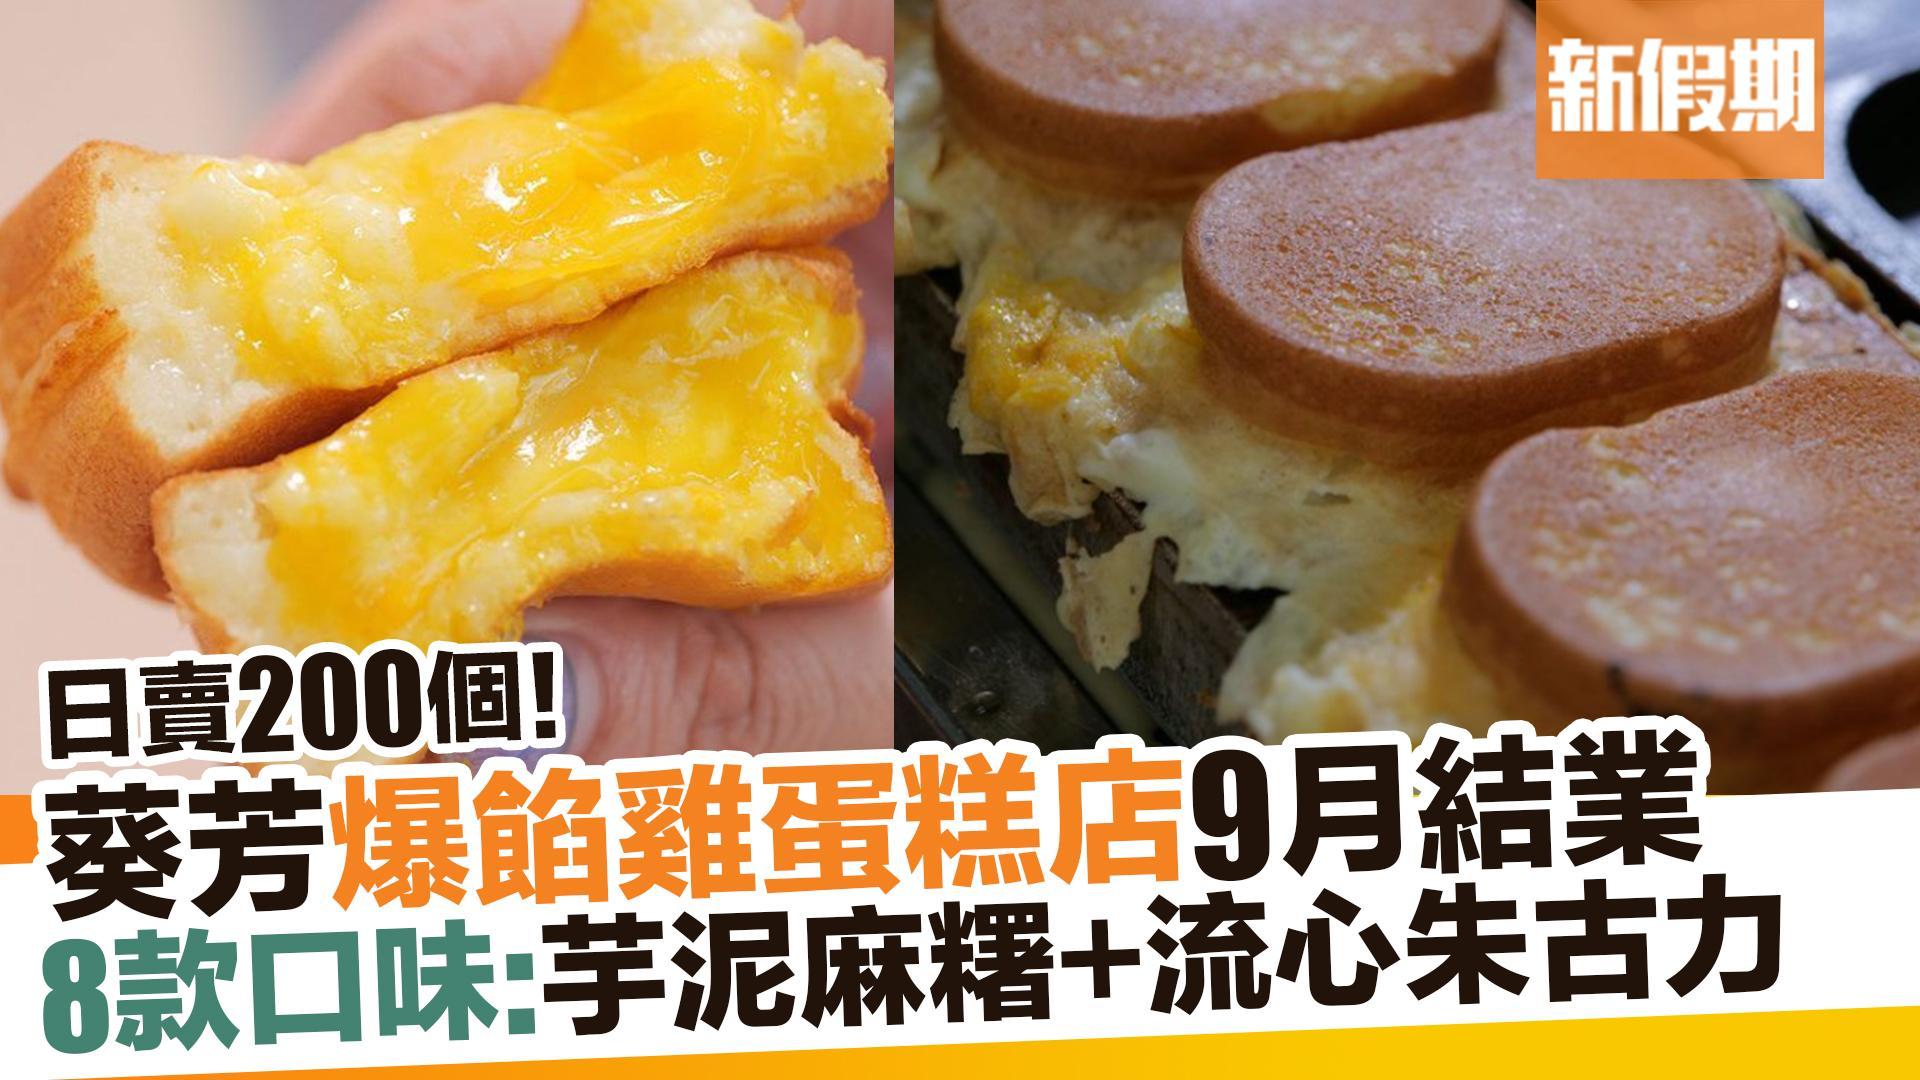 【外賣食乜好】葵芳良日雞蛋糕專門店 日賣200份!8款口味:爆餡芋泥麻糬+拉絲芝士蛋+軟滑吉士 新假期